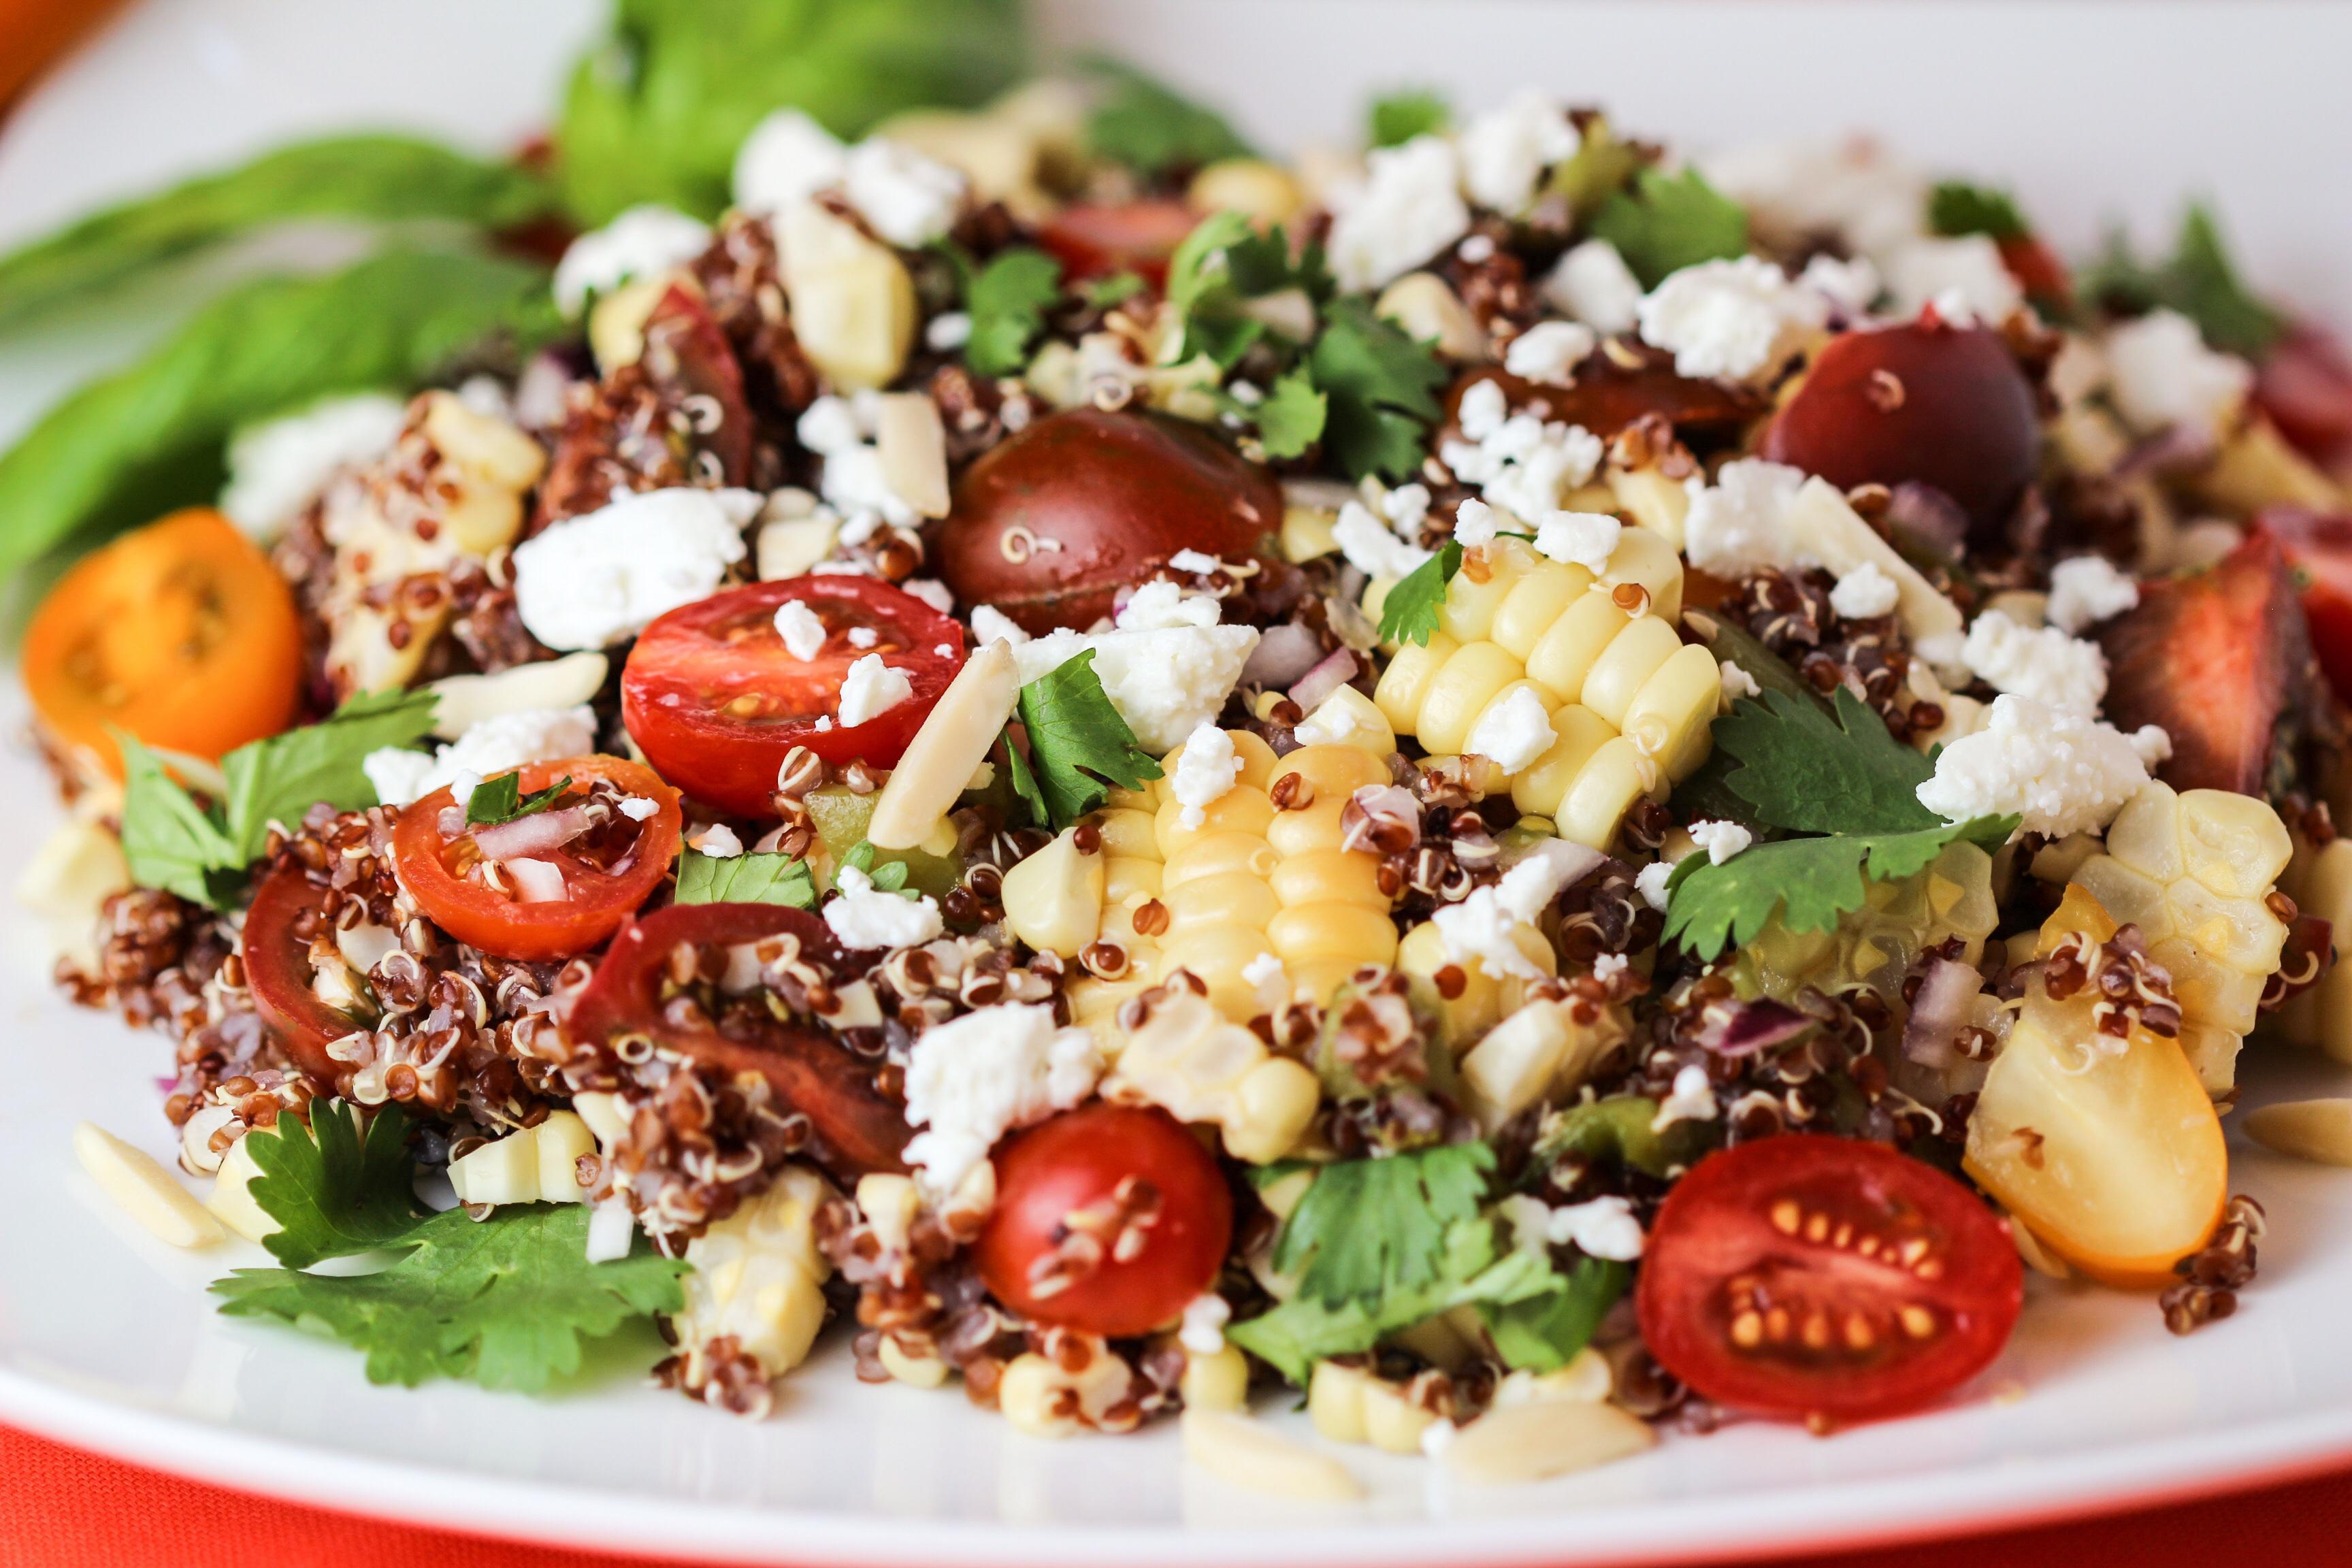 Grilled Corn, Tomato and Feta Quinoa Salad with Citrus Vinaigrette